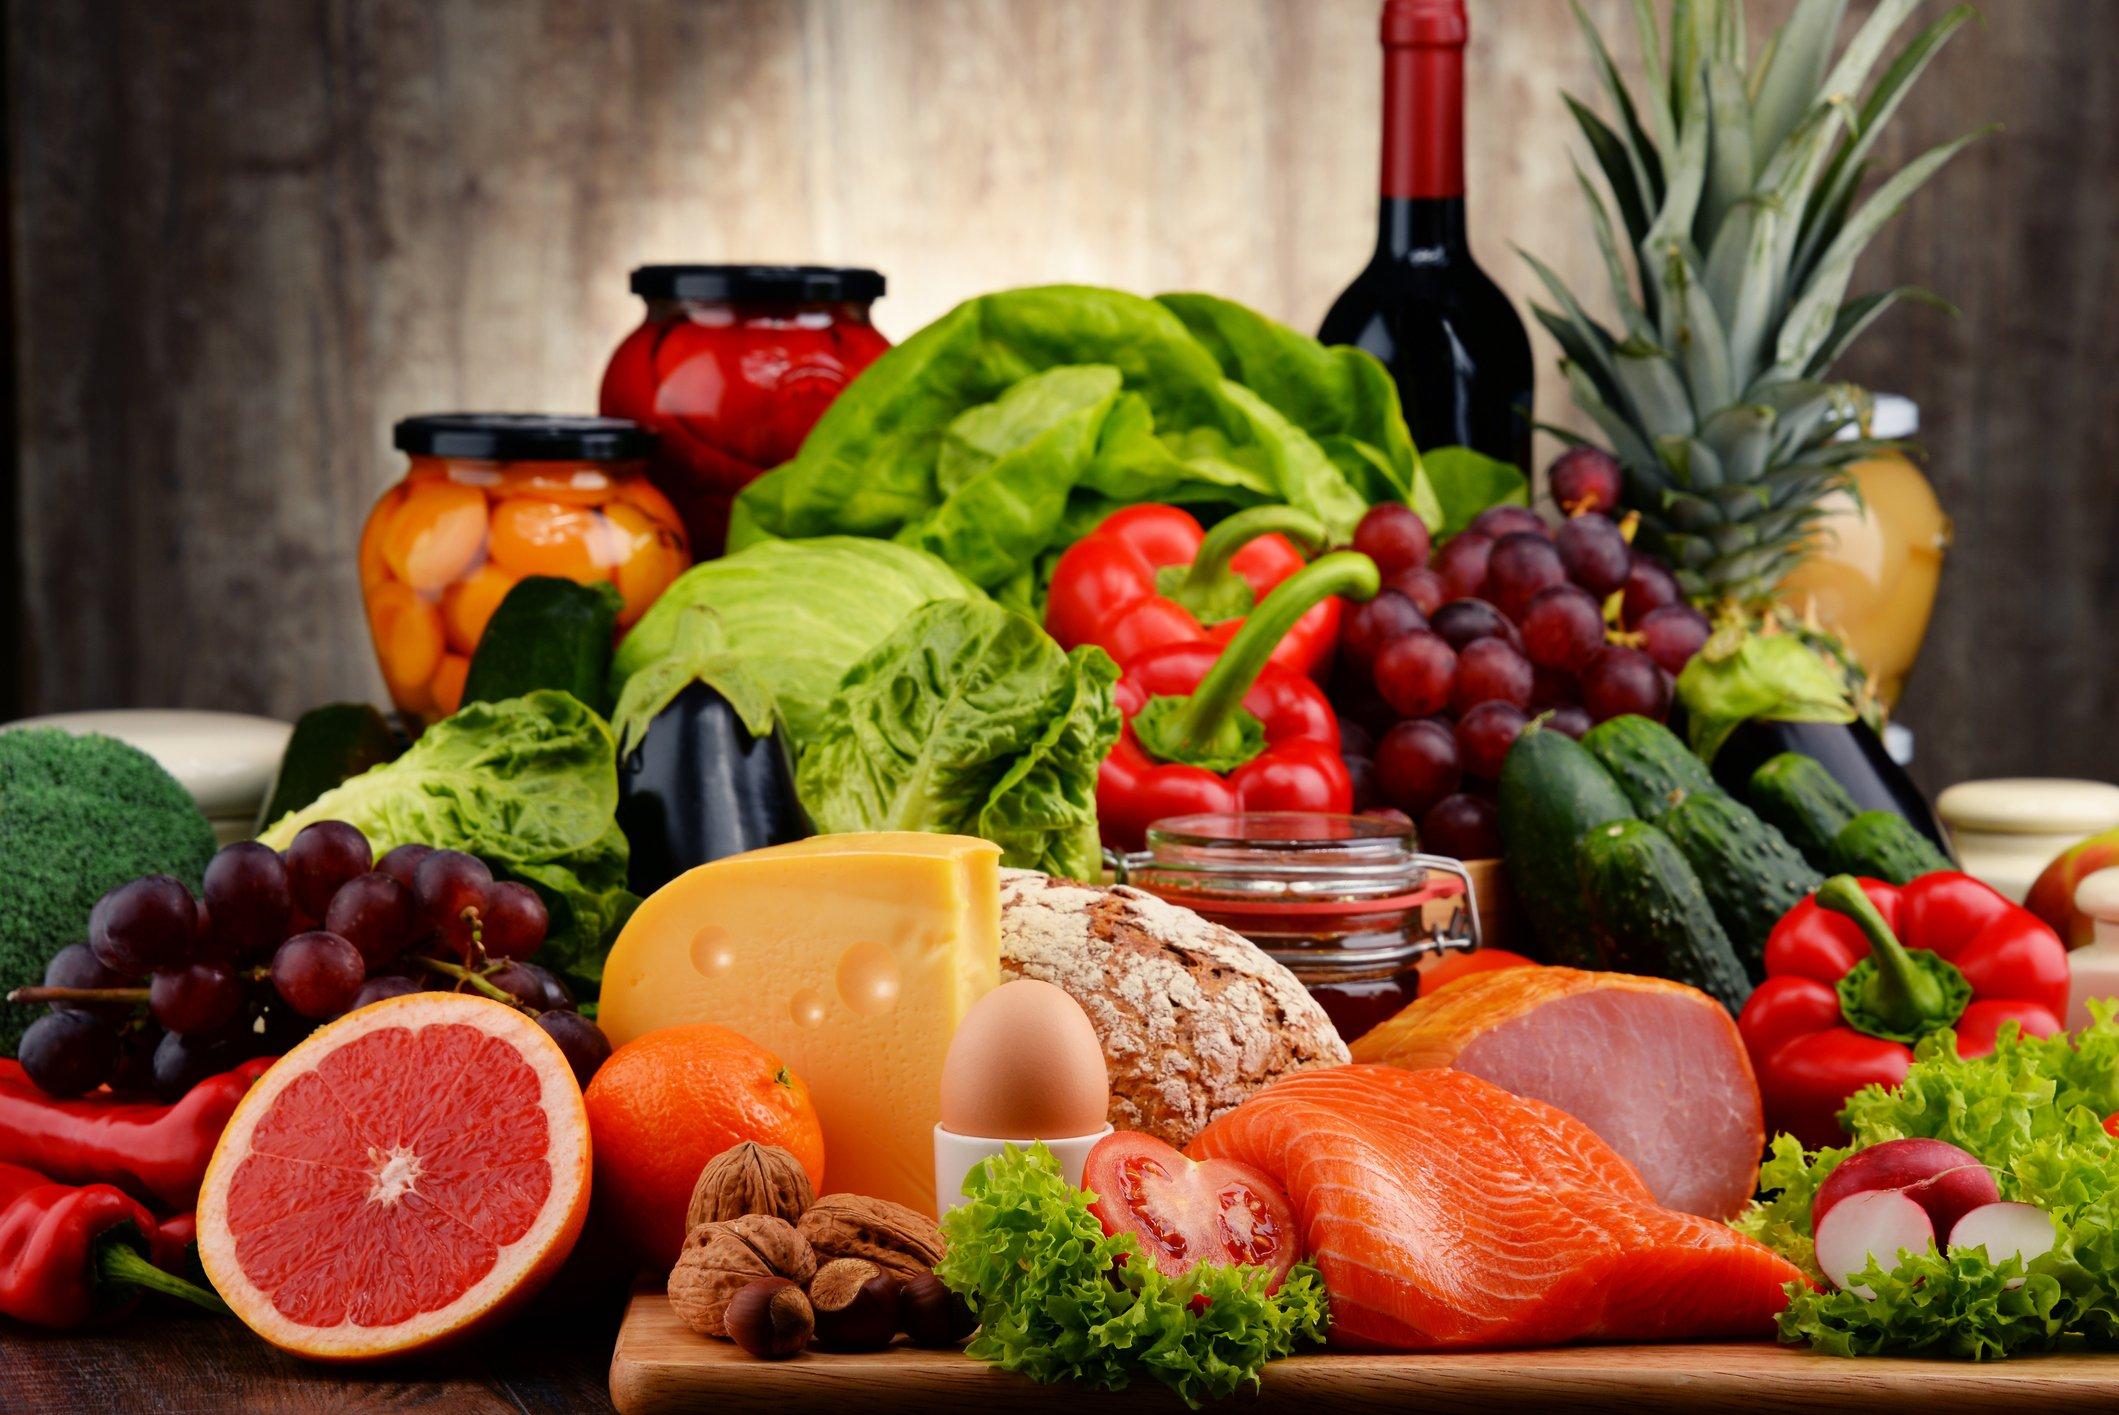 Cung cấp đủ chất dinh dưỡng